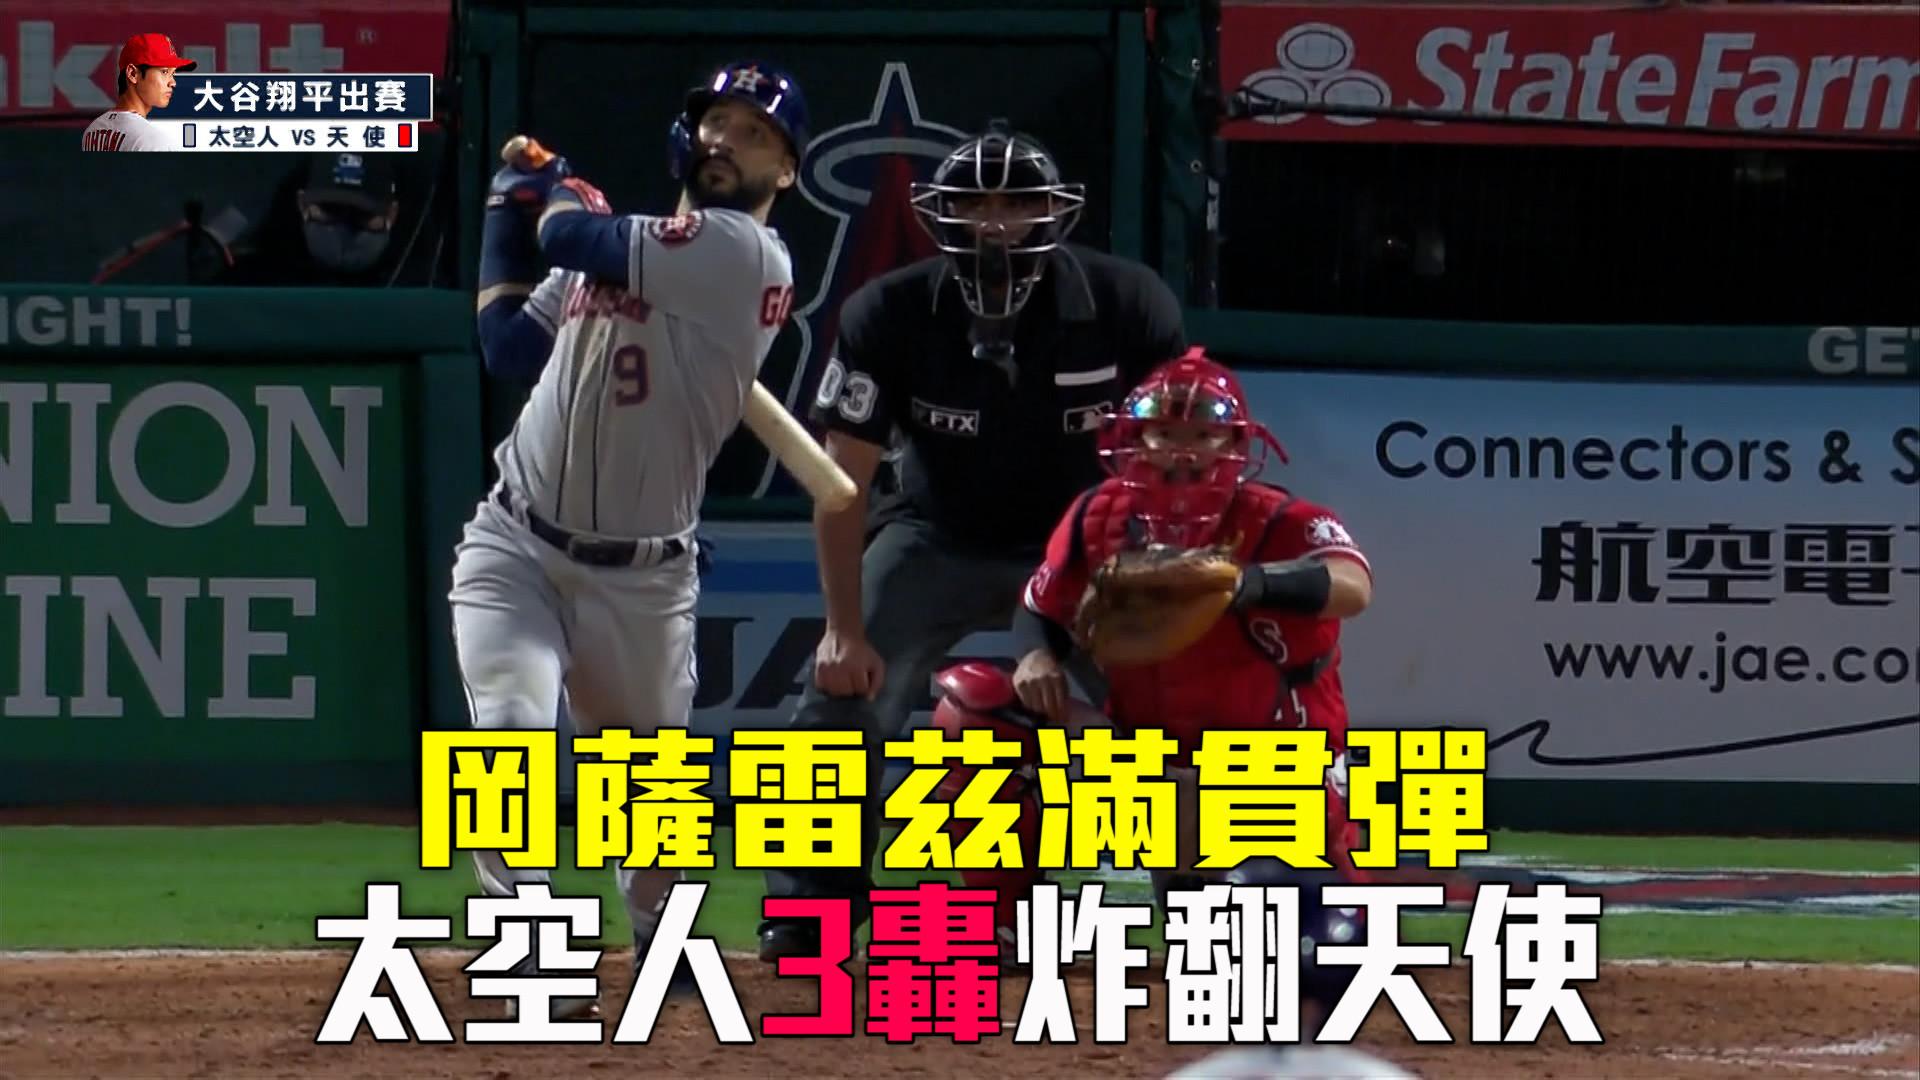 【MLB看愛爾達】太空人三轟炸天使 大谷打擊繳白卷 9/21